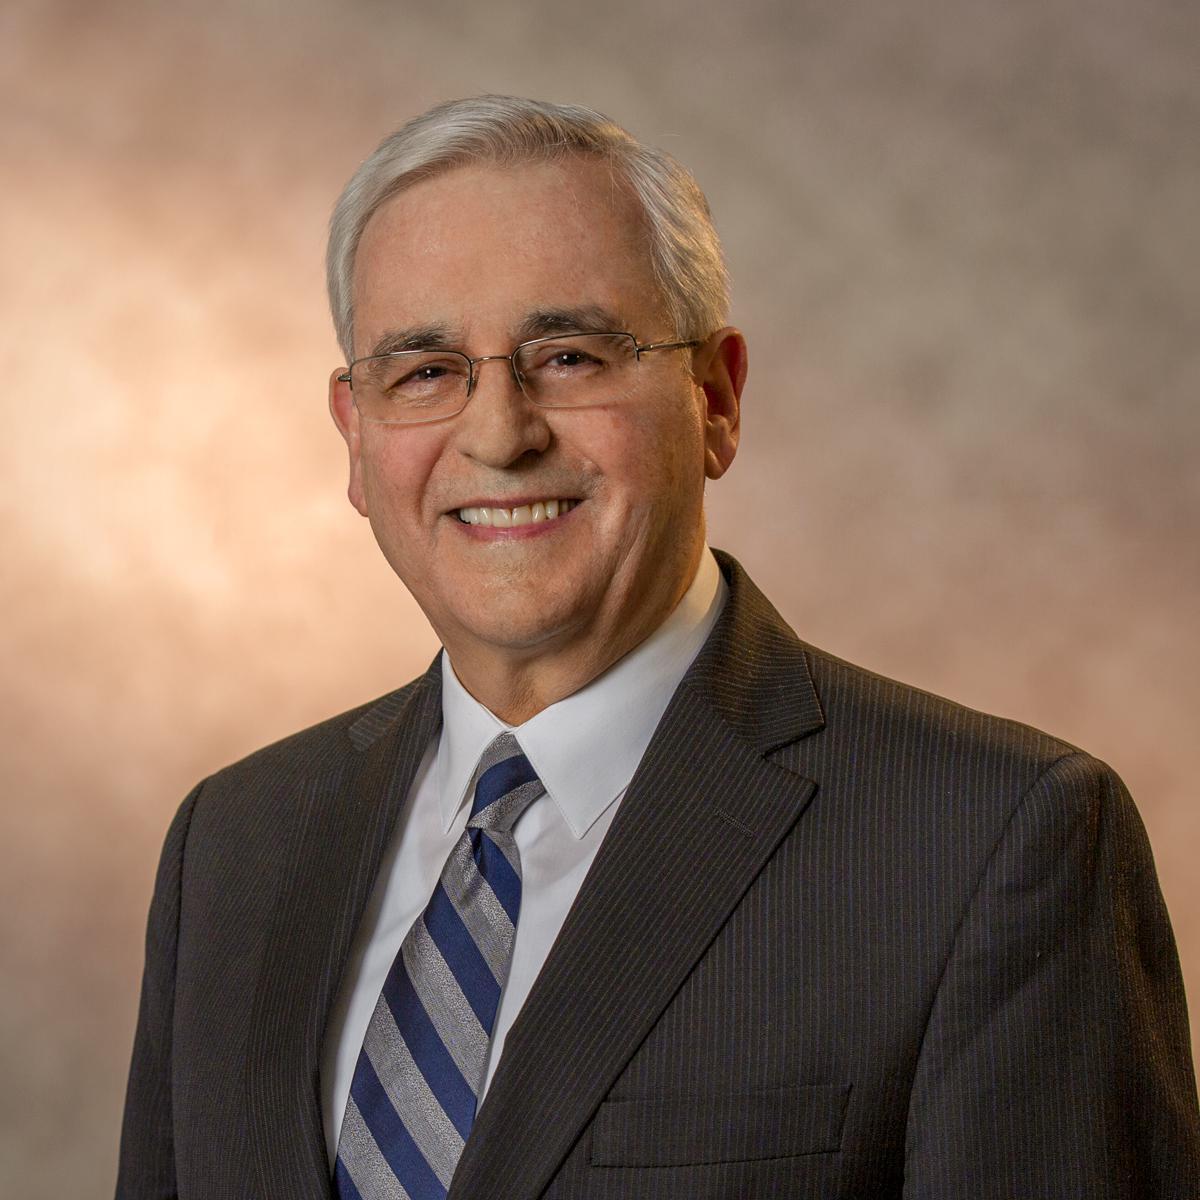 J. Roberto Hernandez, Ηνωμένες Πολιτείες Αμερικής